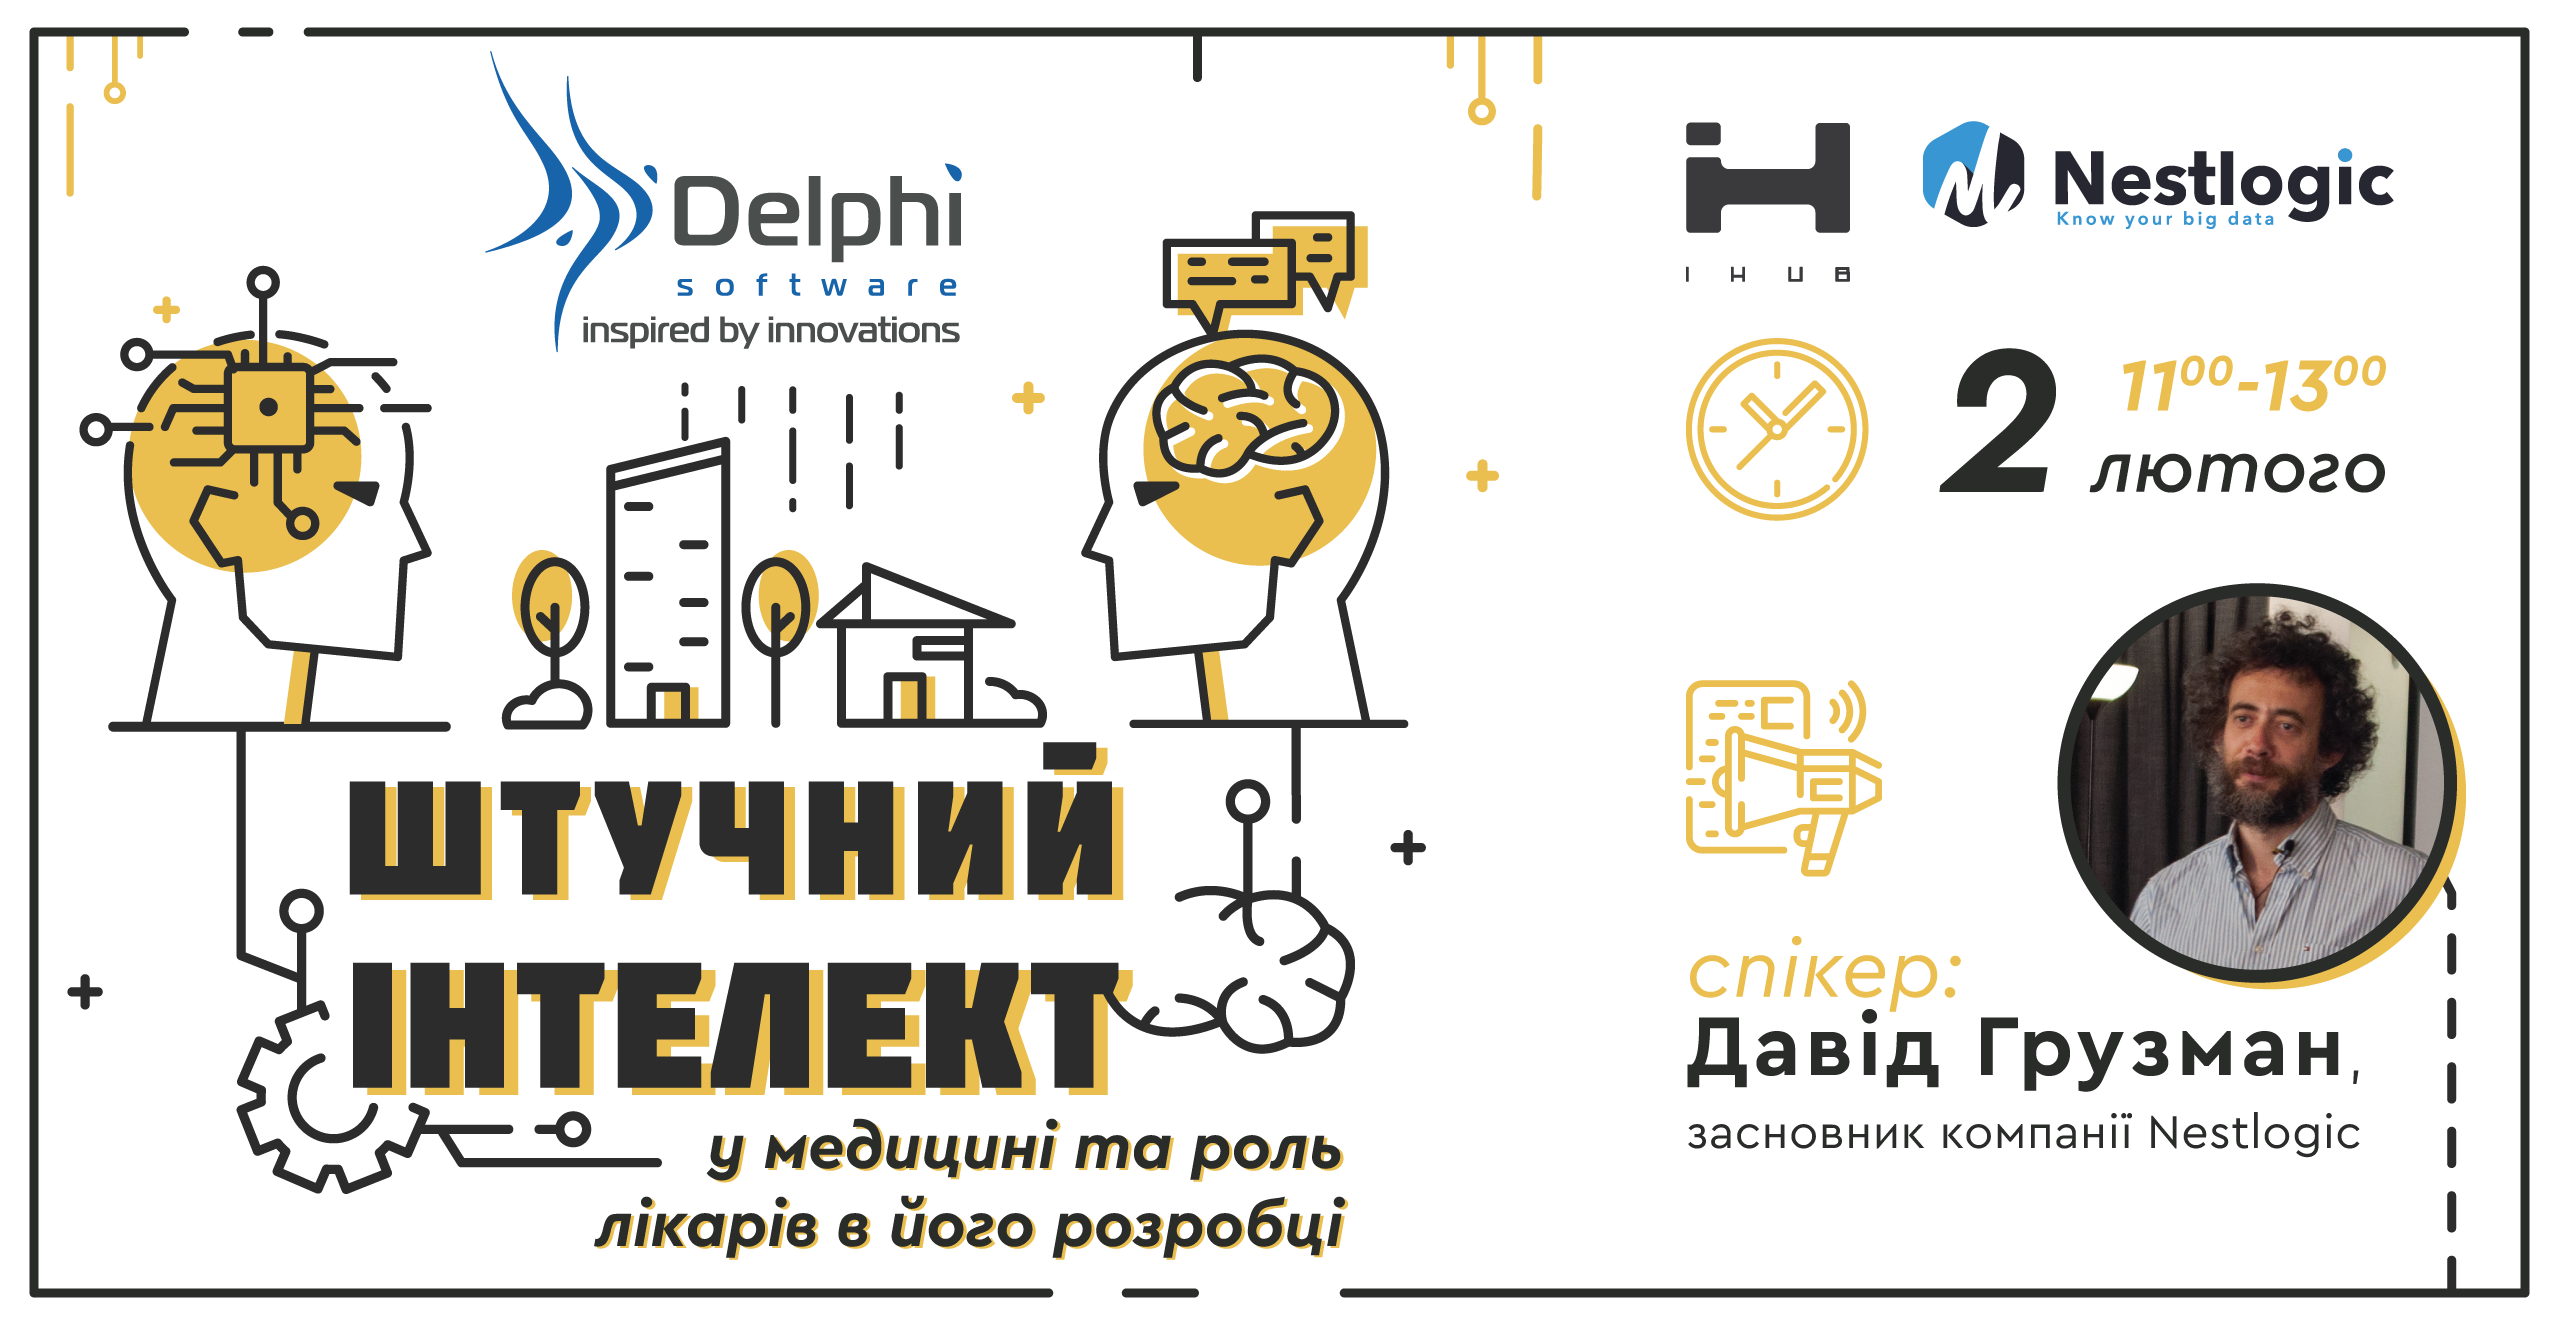 Delphi - Home